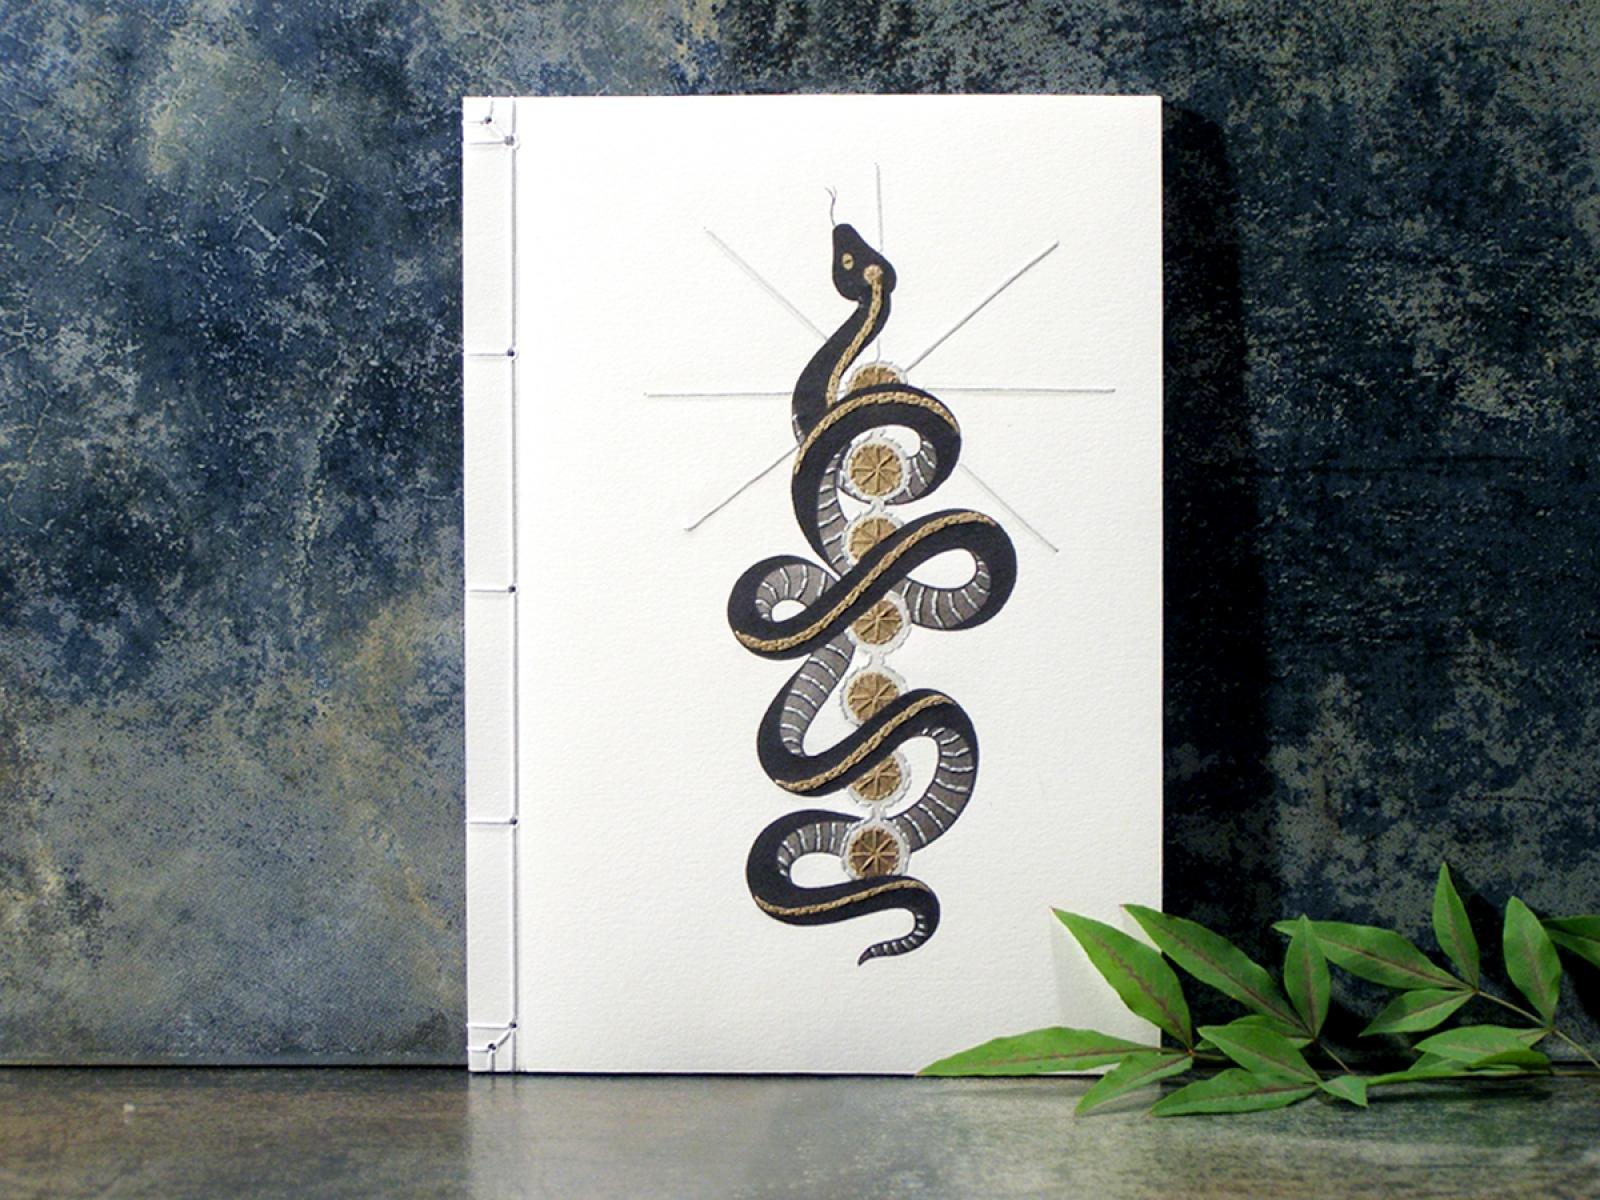 Kundalini snake chakras journal by fabulous cat papers kundalini snake chakras journal by fabulous cat papers buycottarizona